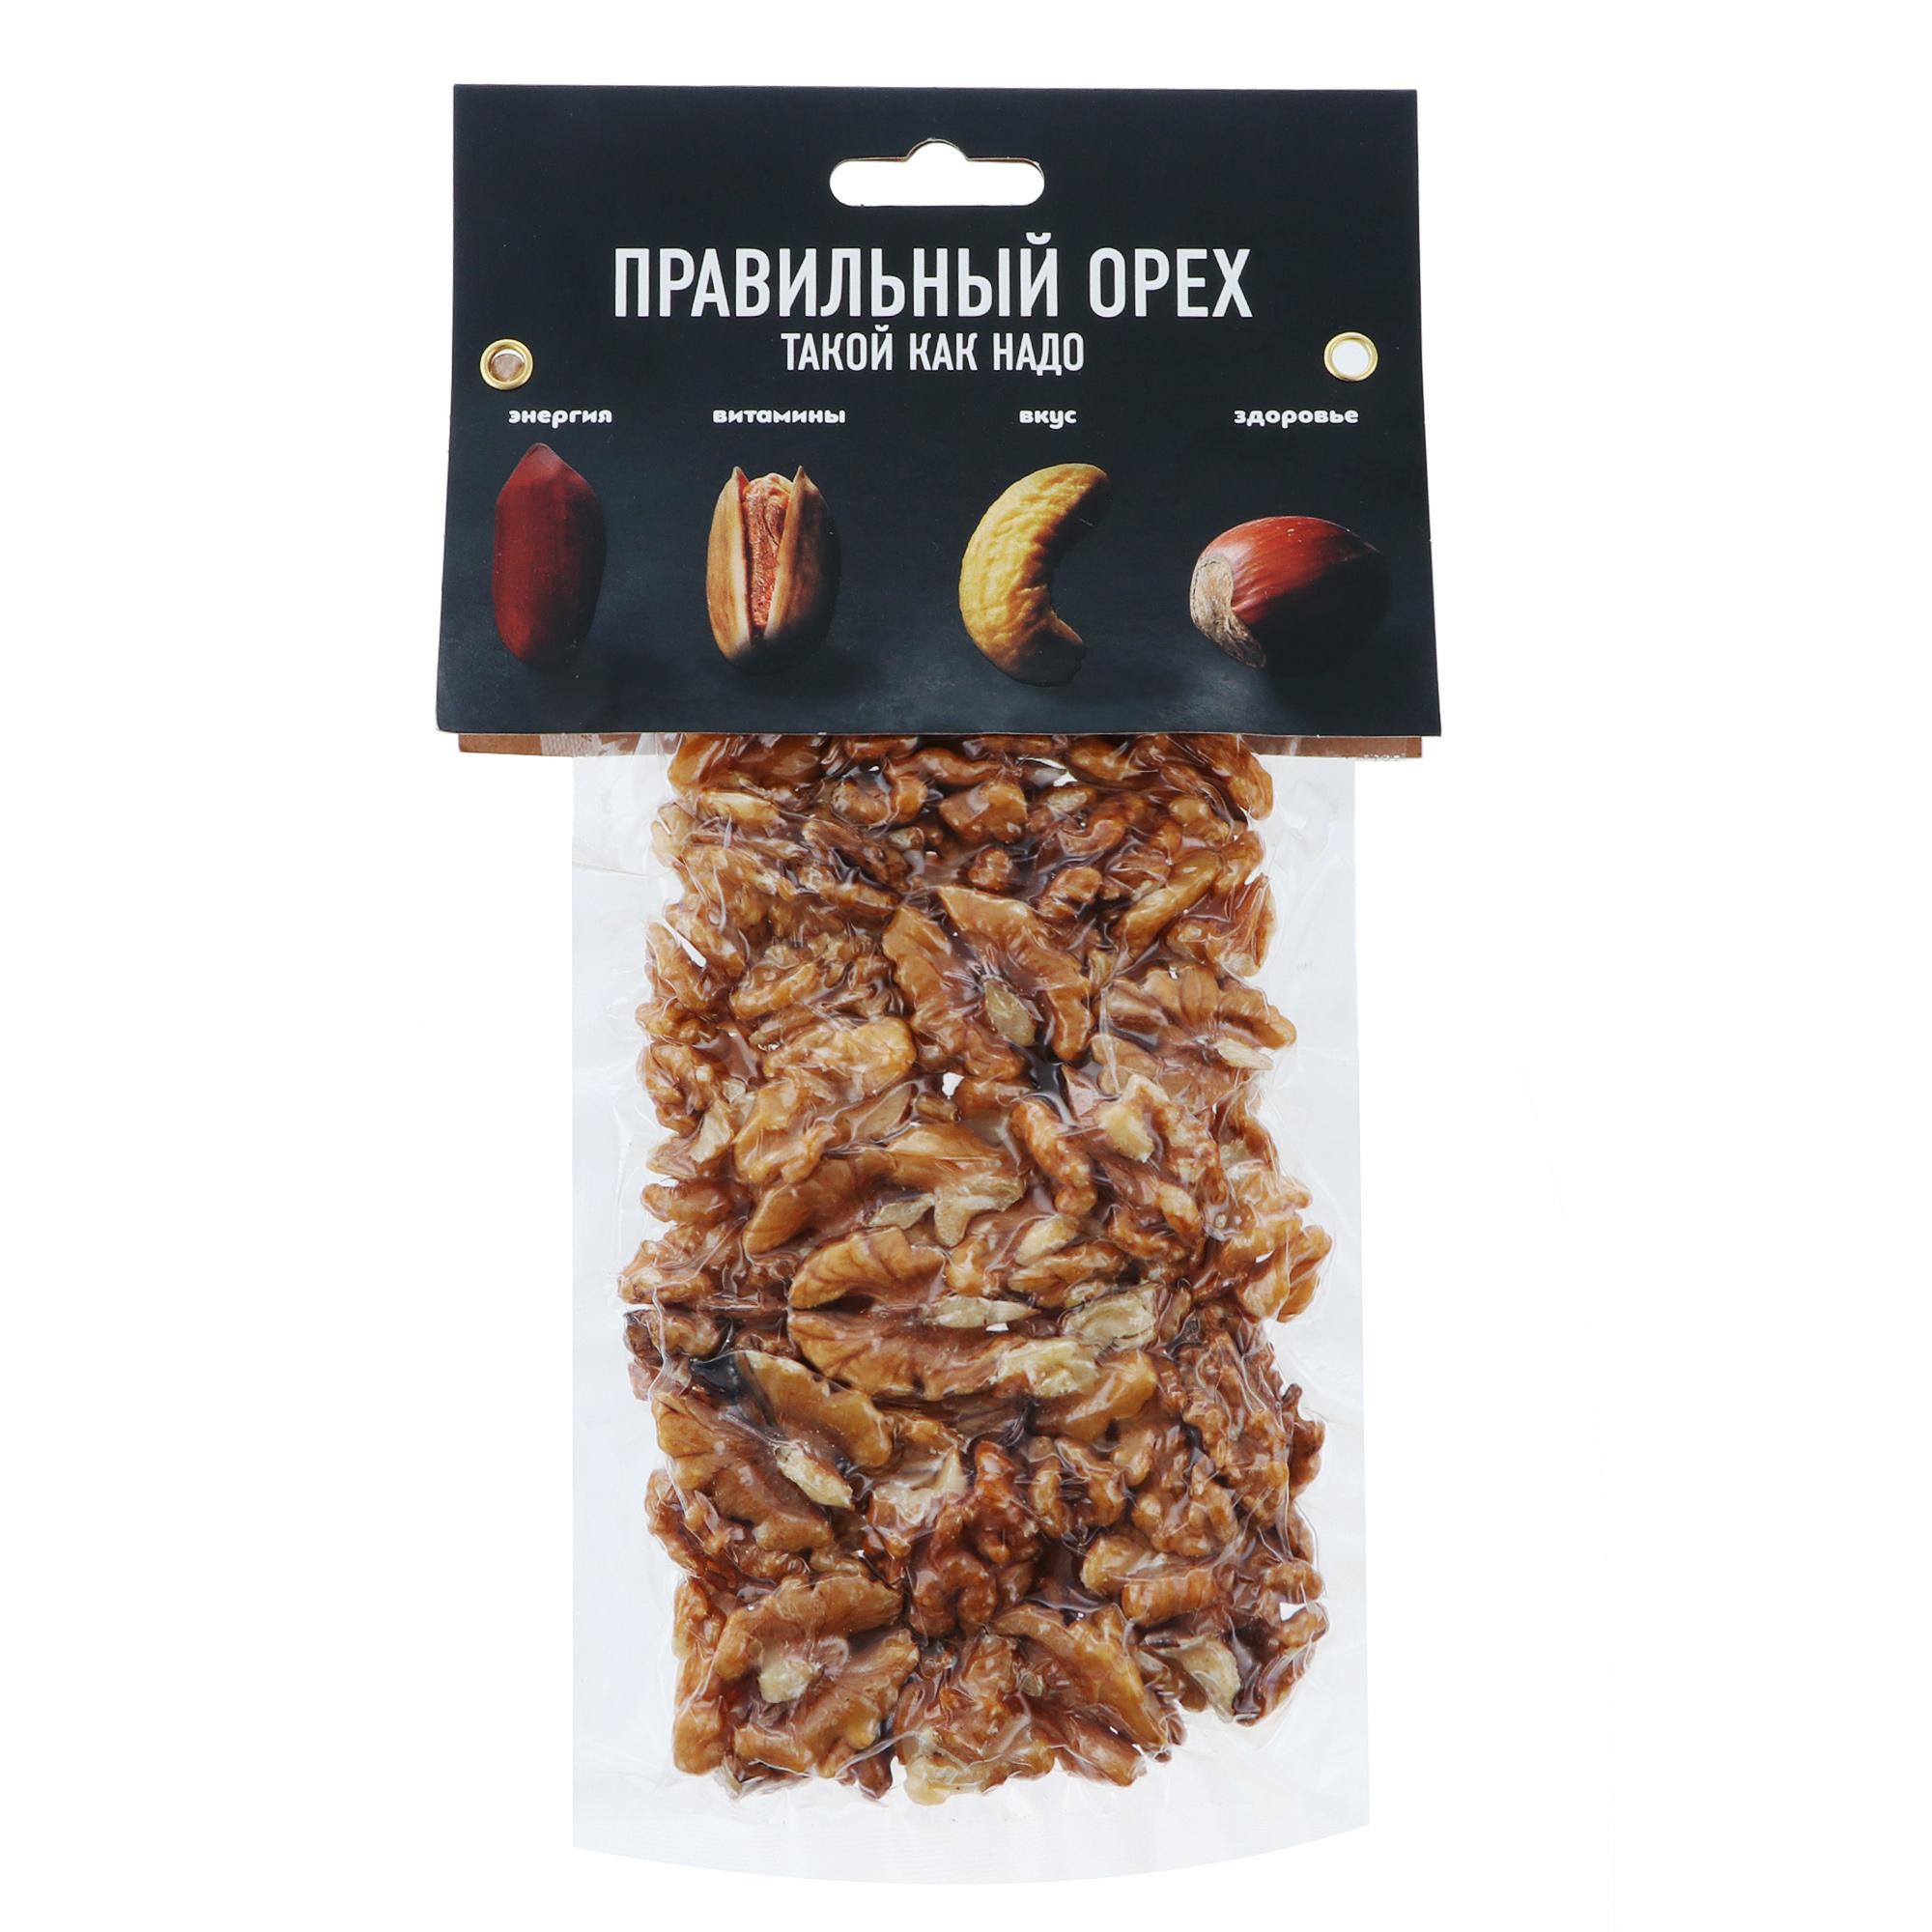 Орех грецкий Правильный орех 130 г грецкий орех просто азбука натуральный 150 г